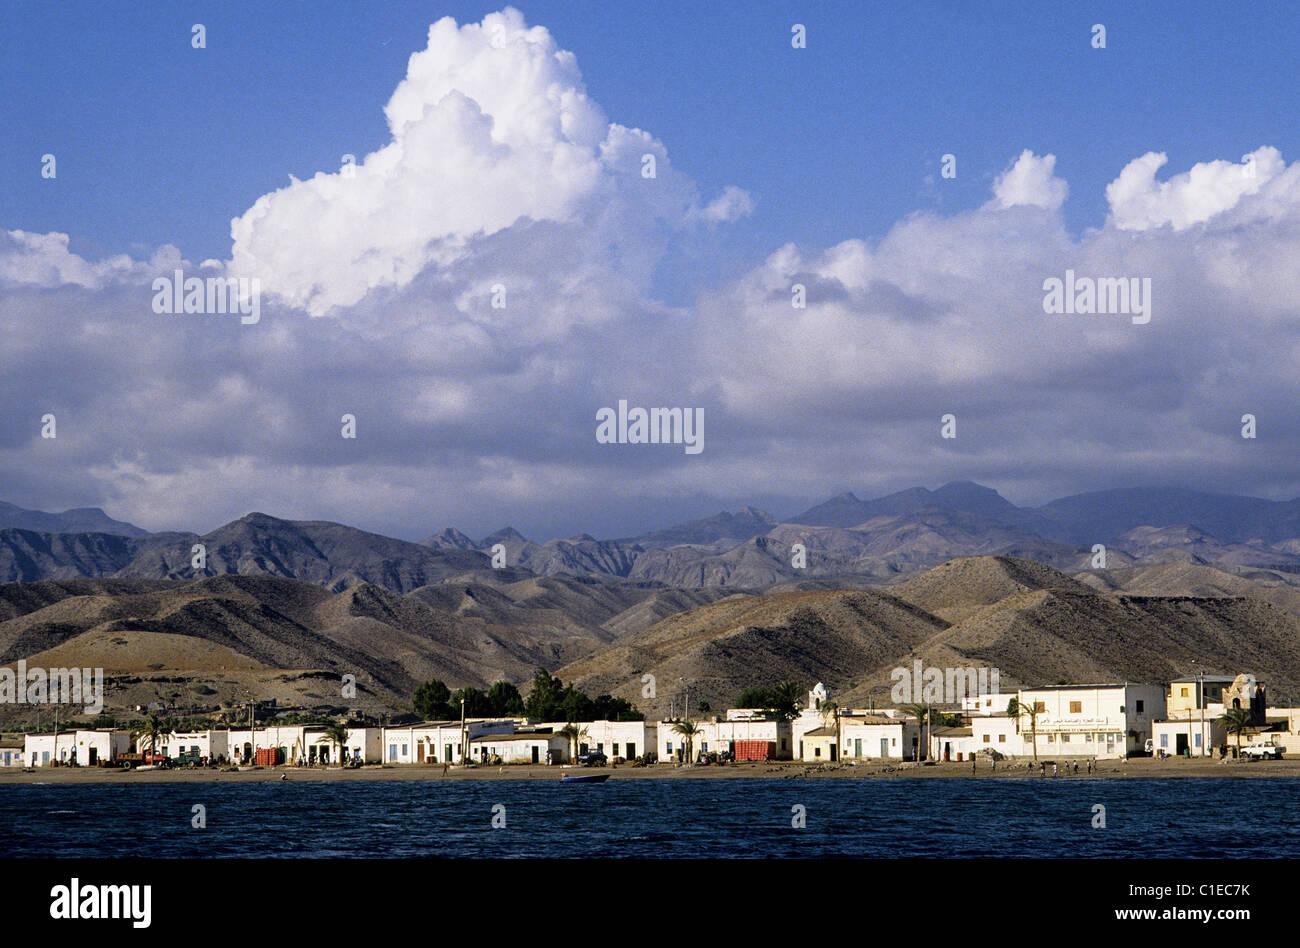 Djibouti, City of Tadjoura - Stock Image